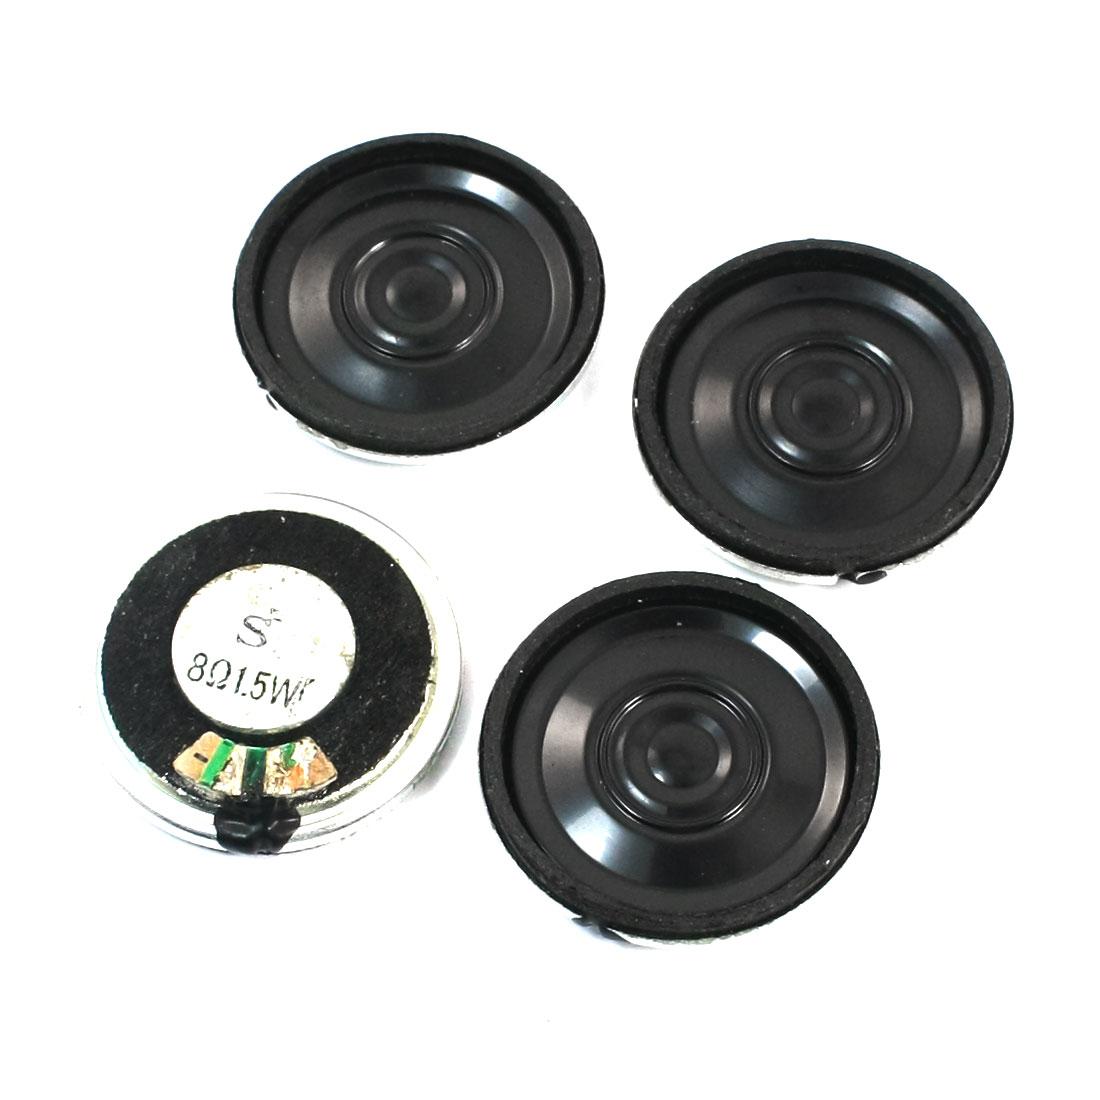 1.5W 8 Ohm Metal Shell Internal Magnet Electronic Toy Audio Speaker Amplifier Loudspeaker 4Pcs